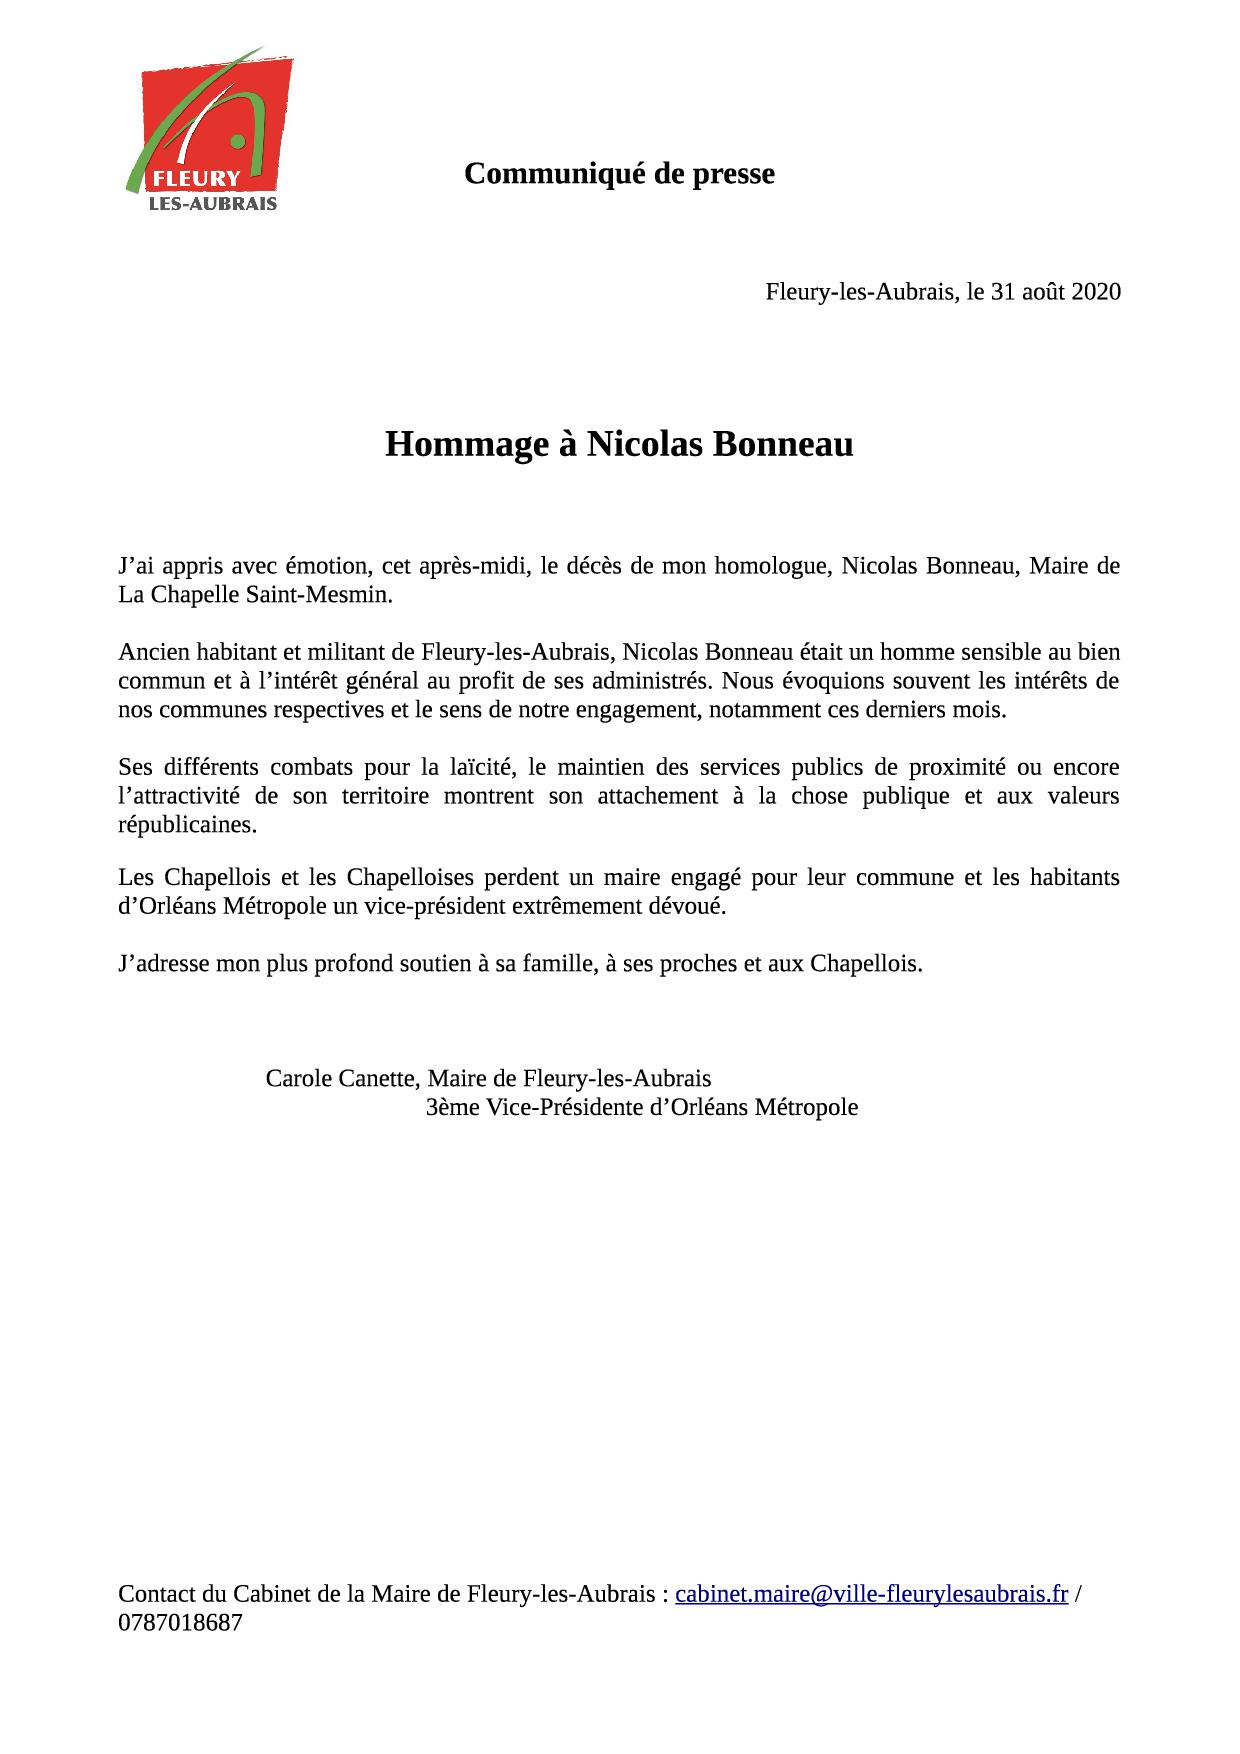 31082020_CP_HommageNicolasBonneau.jpg